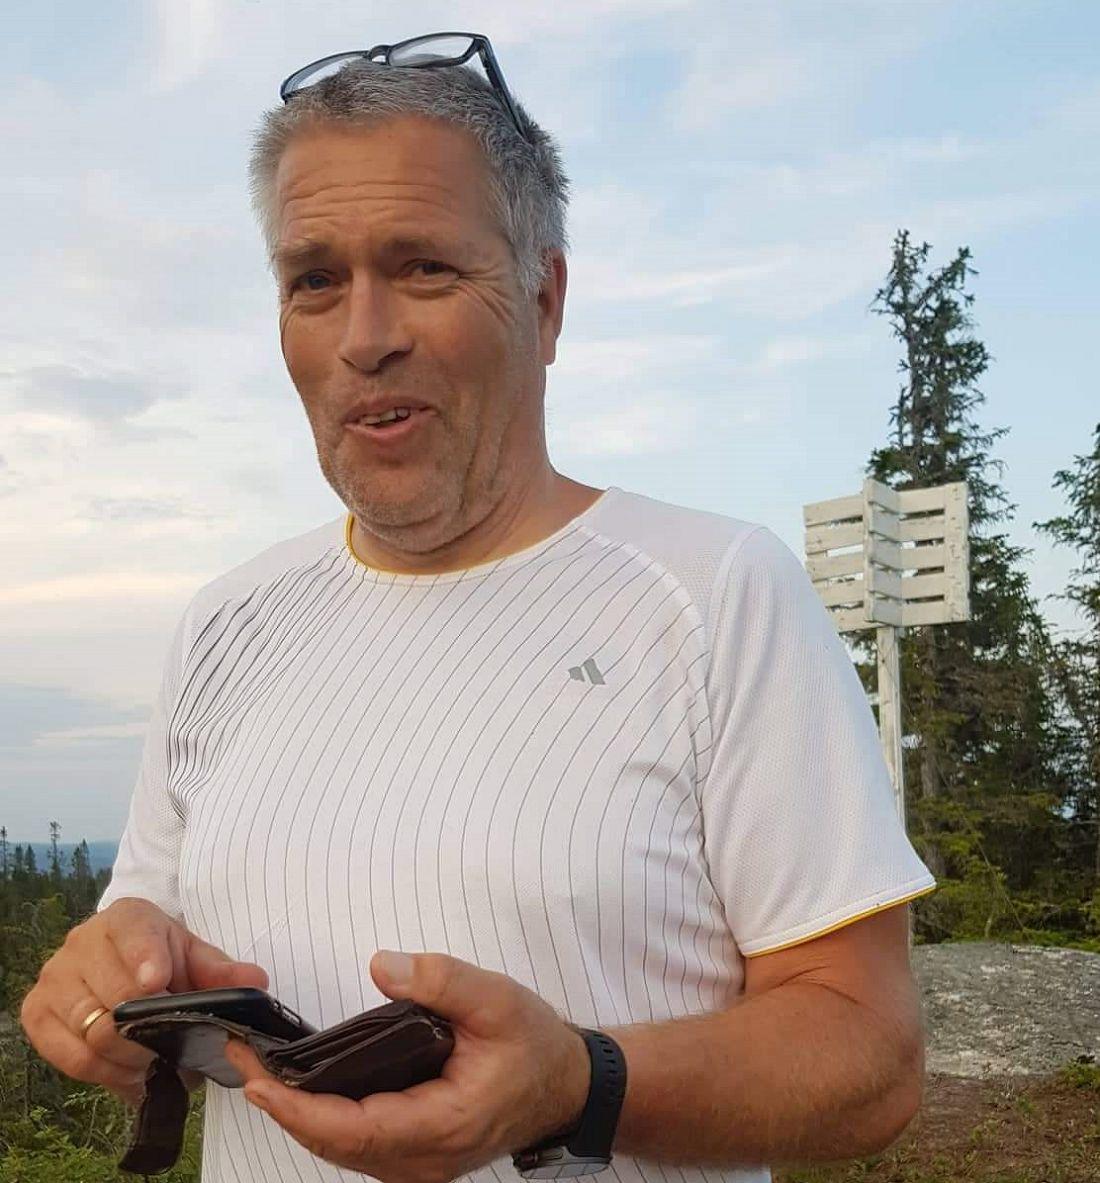 Svenn Olav Fossholt